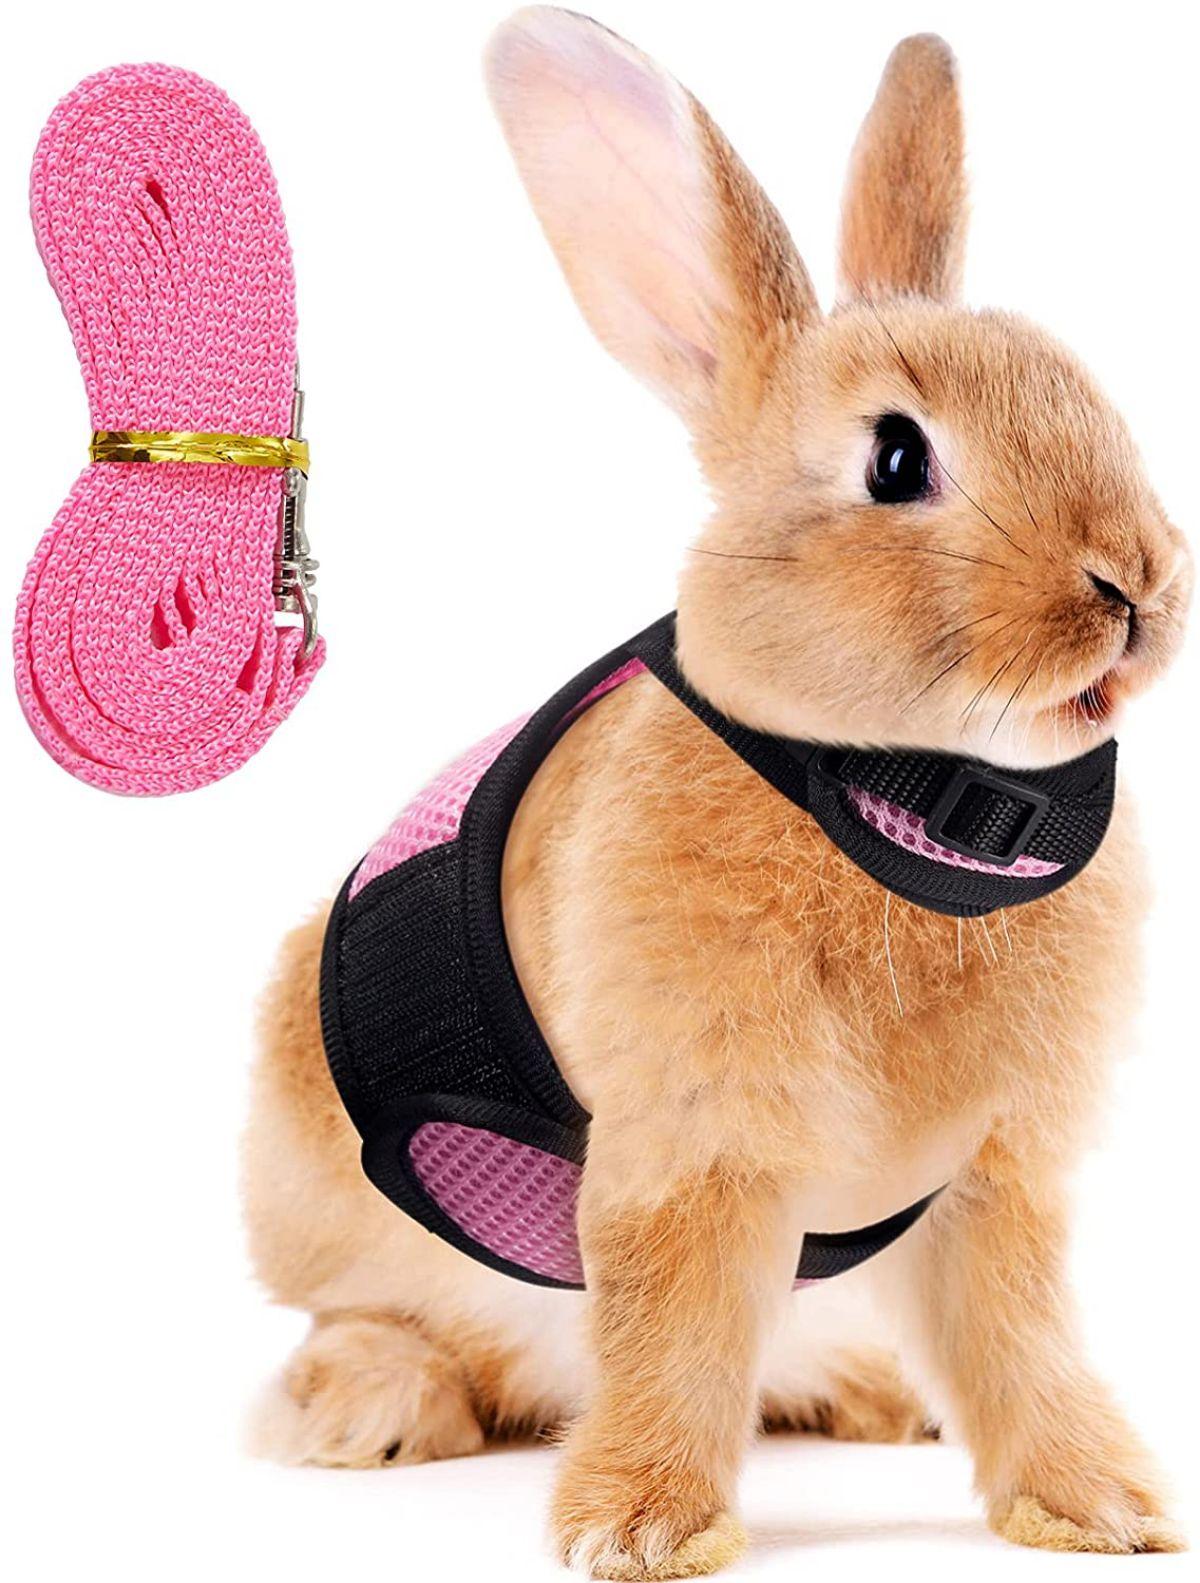 Cómo elegir un arnés para conejo